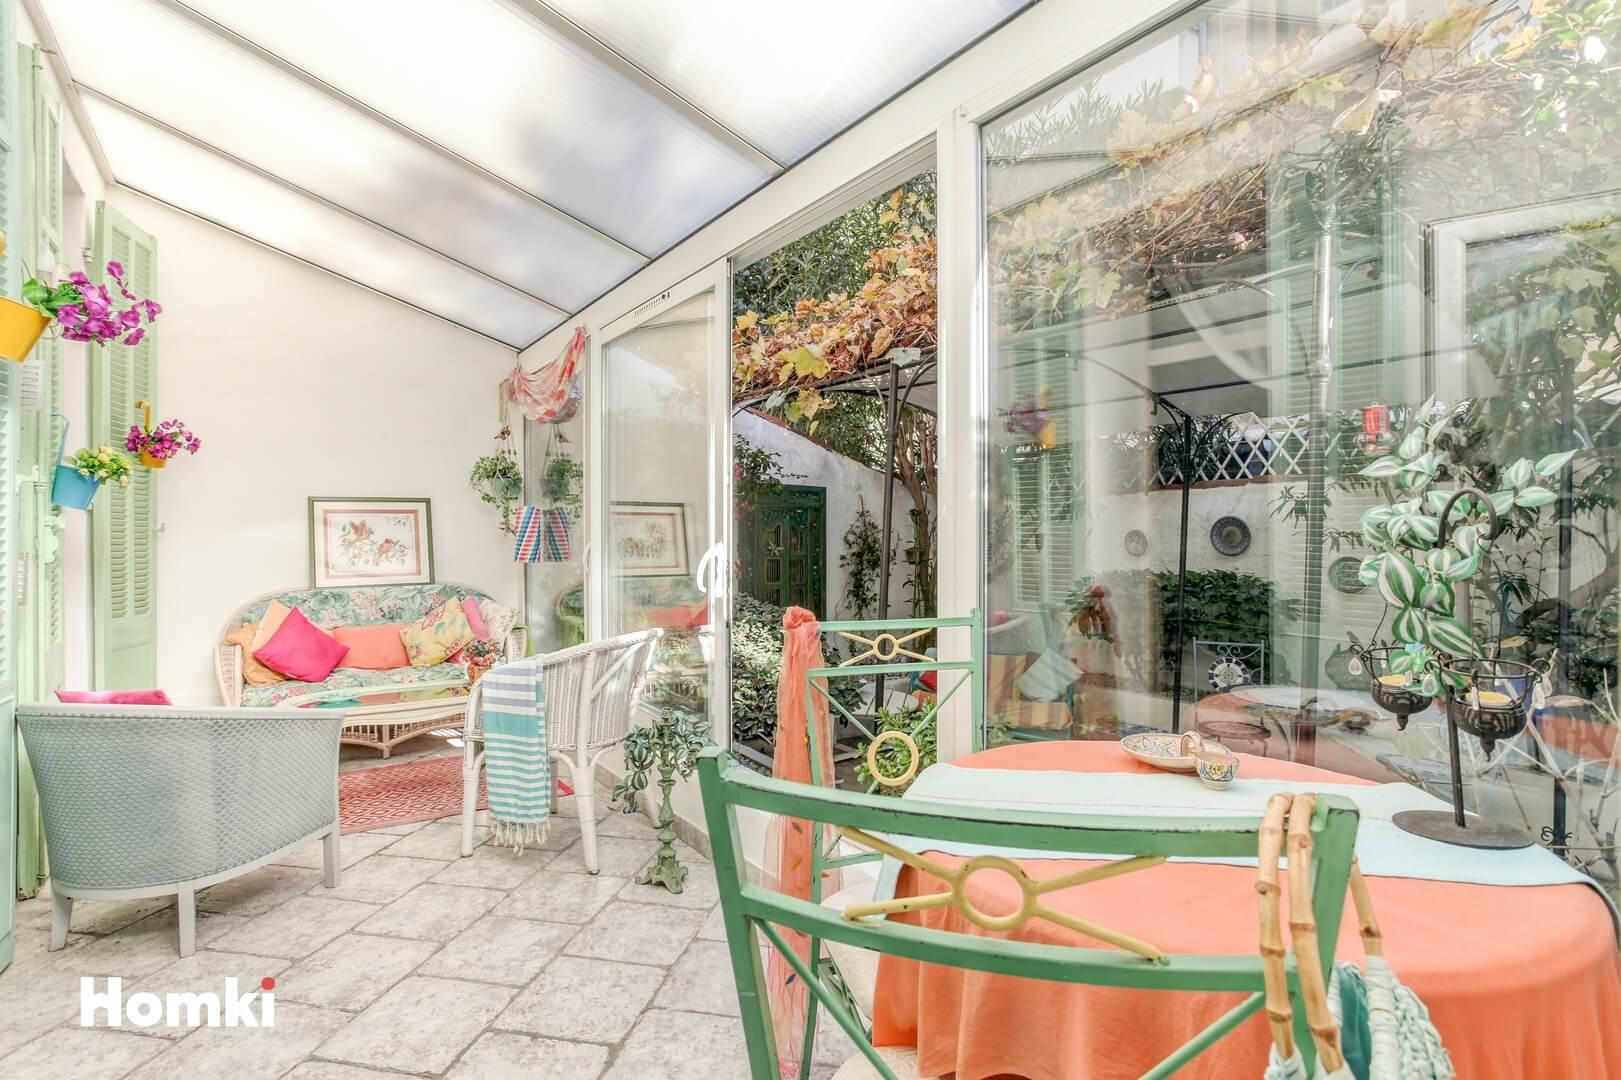 Homki - Vente Appartement  de 55.0 m² à Marseille 13007